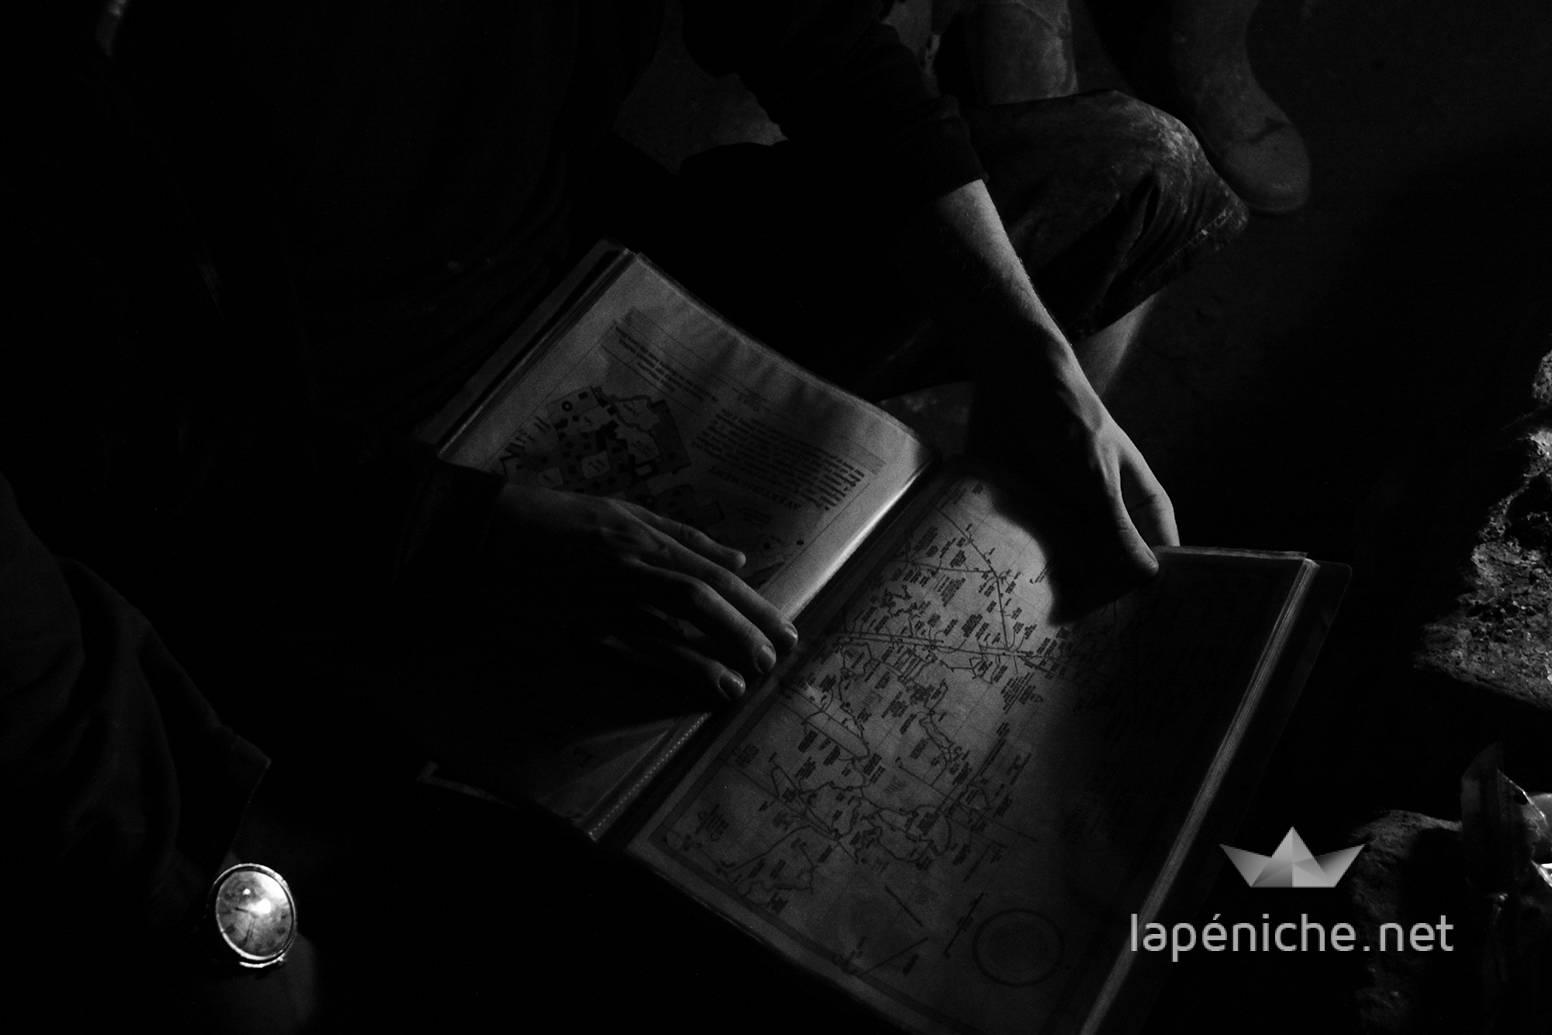 Pour se repérer dans les catacombes, un plan est vivement conseillé